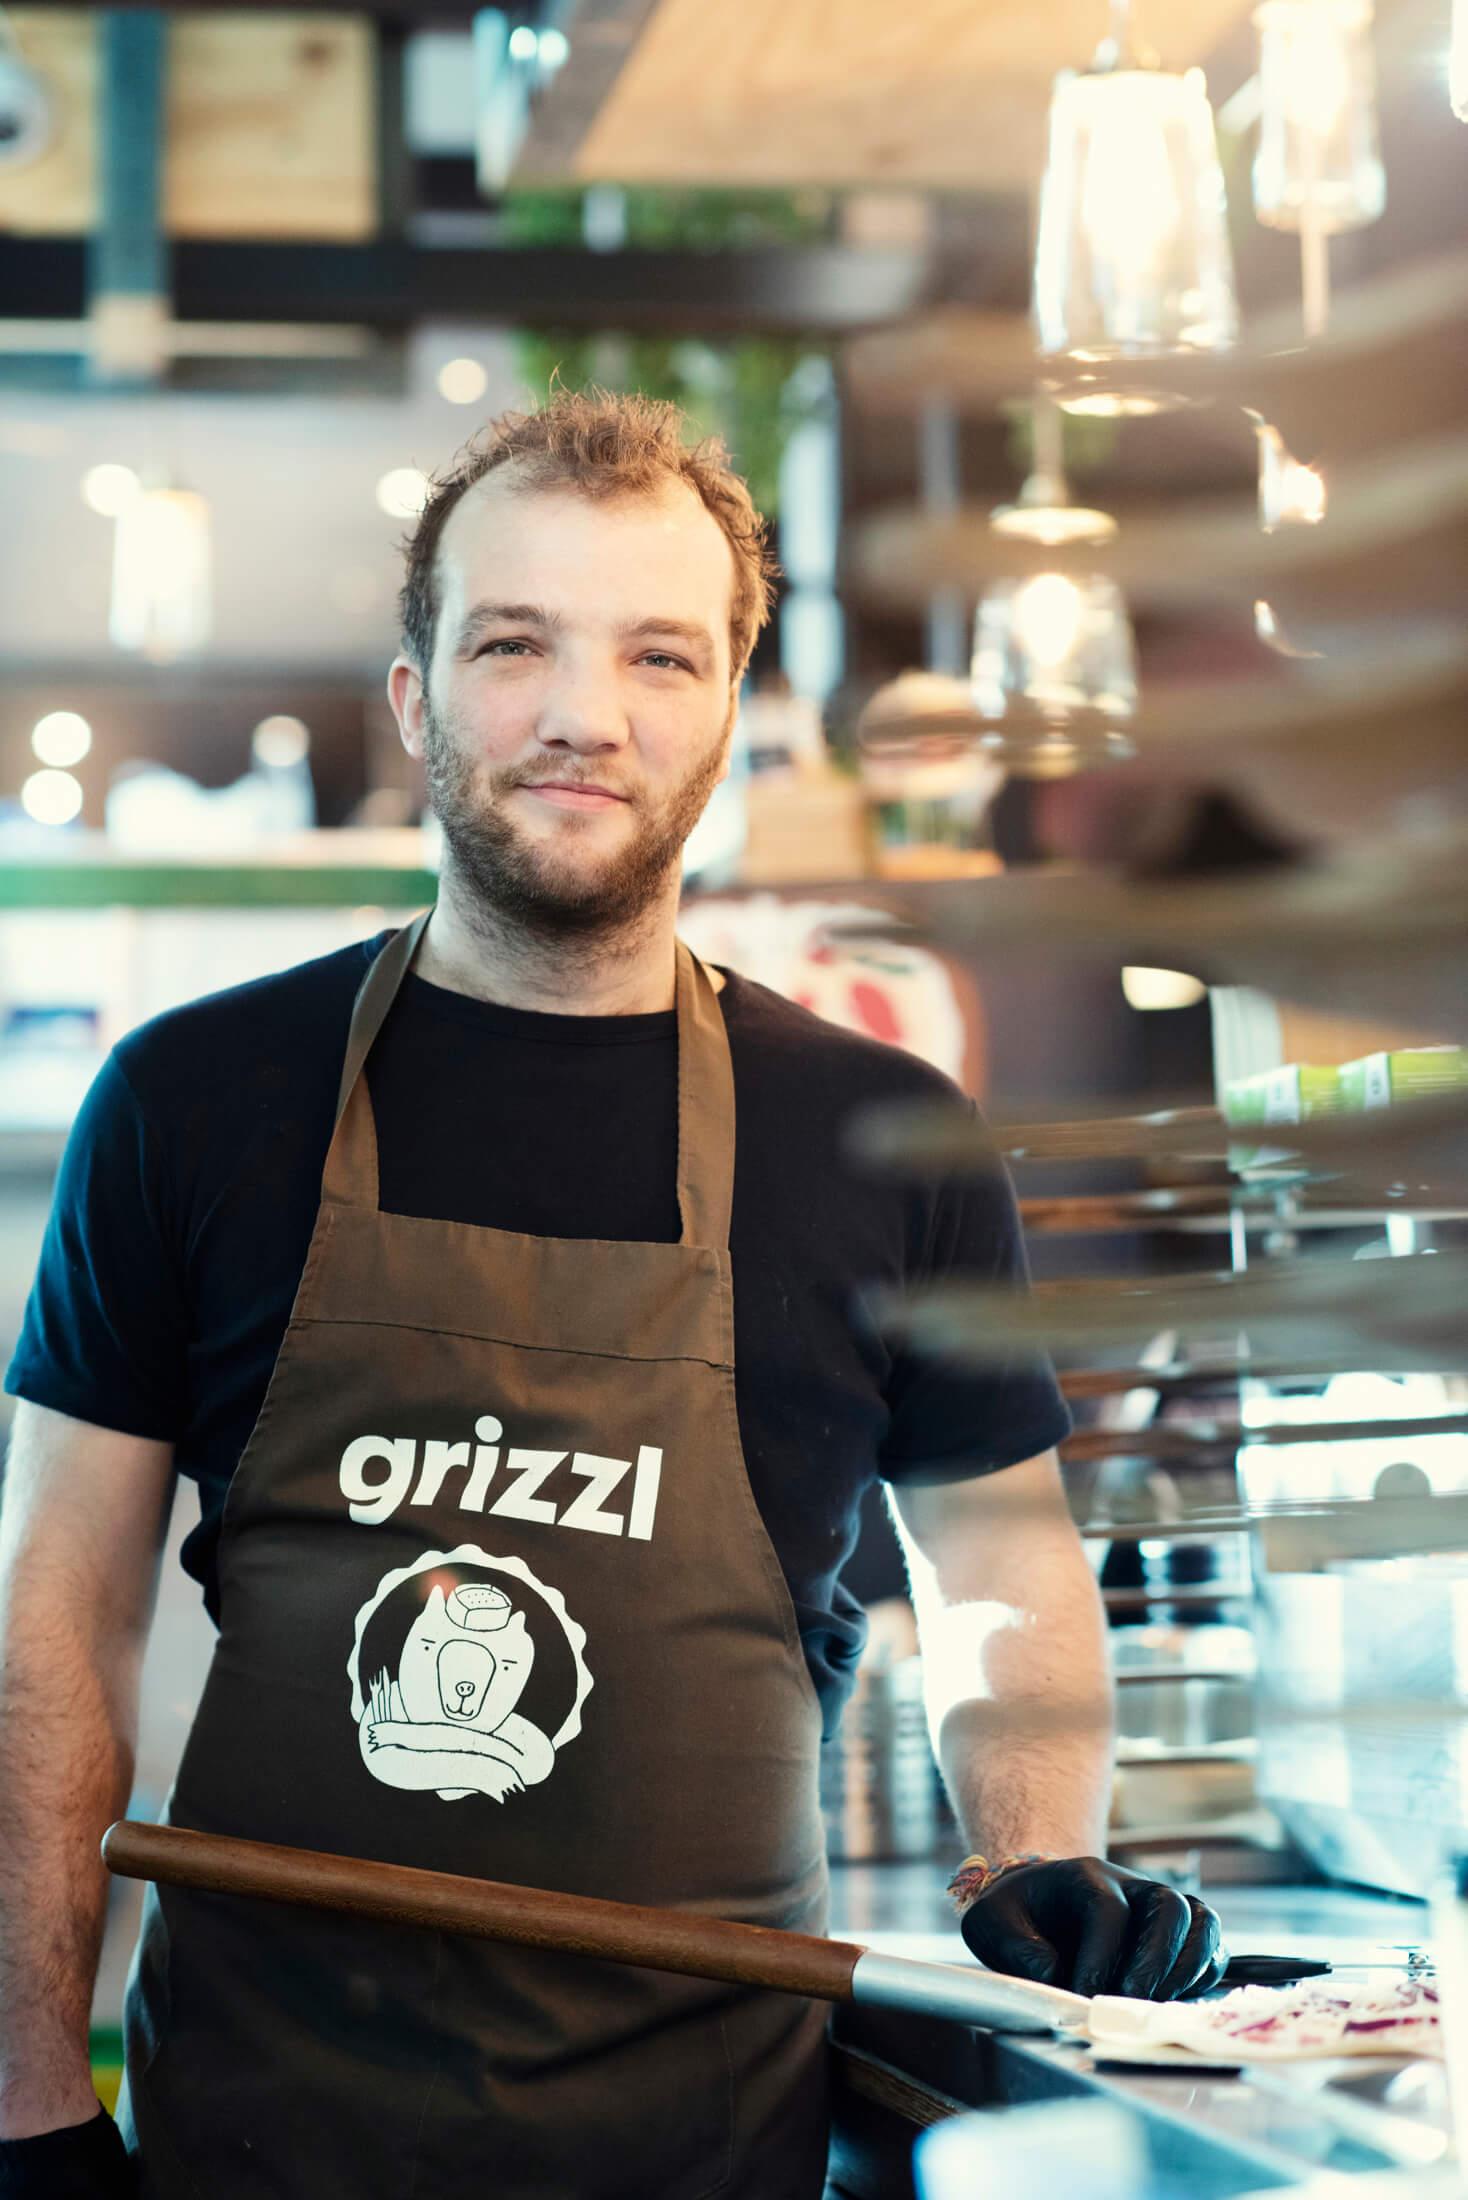 grizzl-location-zuidas-market33-chief.jpg